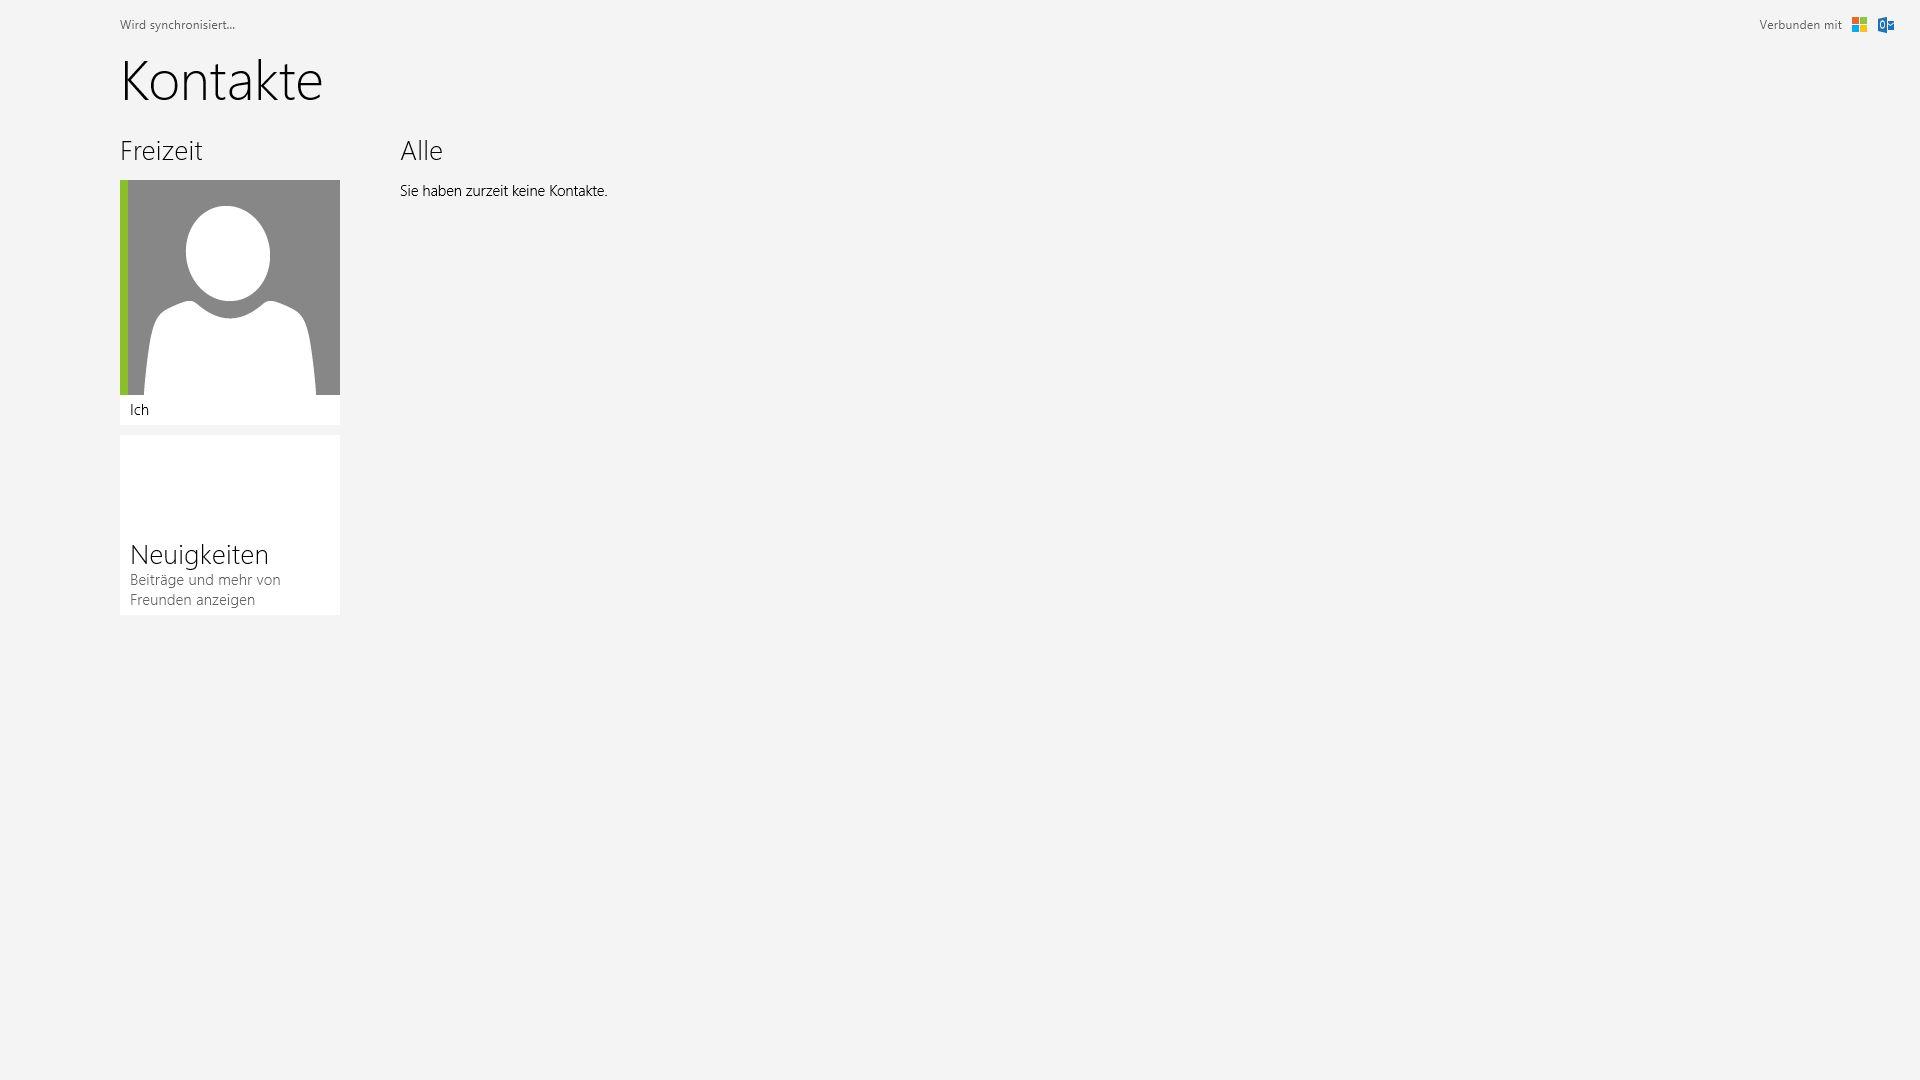 Kontakte App ist leer-kontakte.jpg